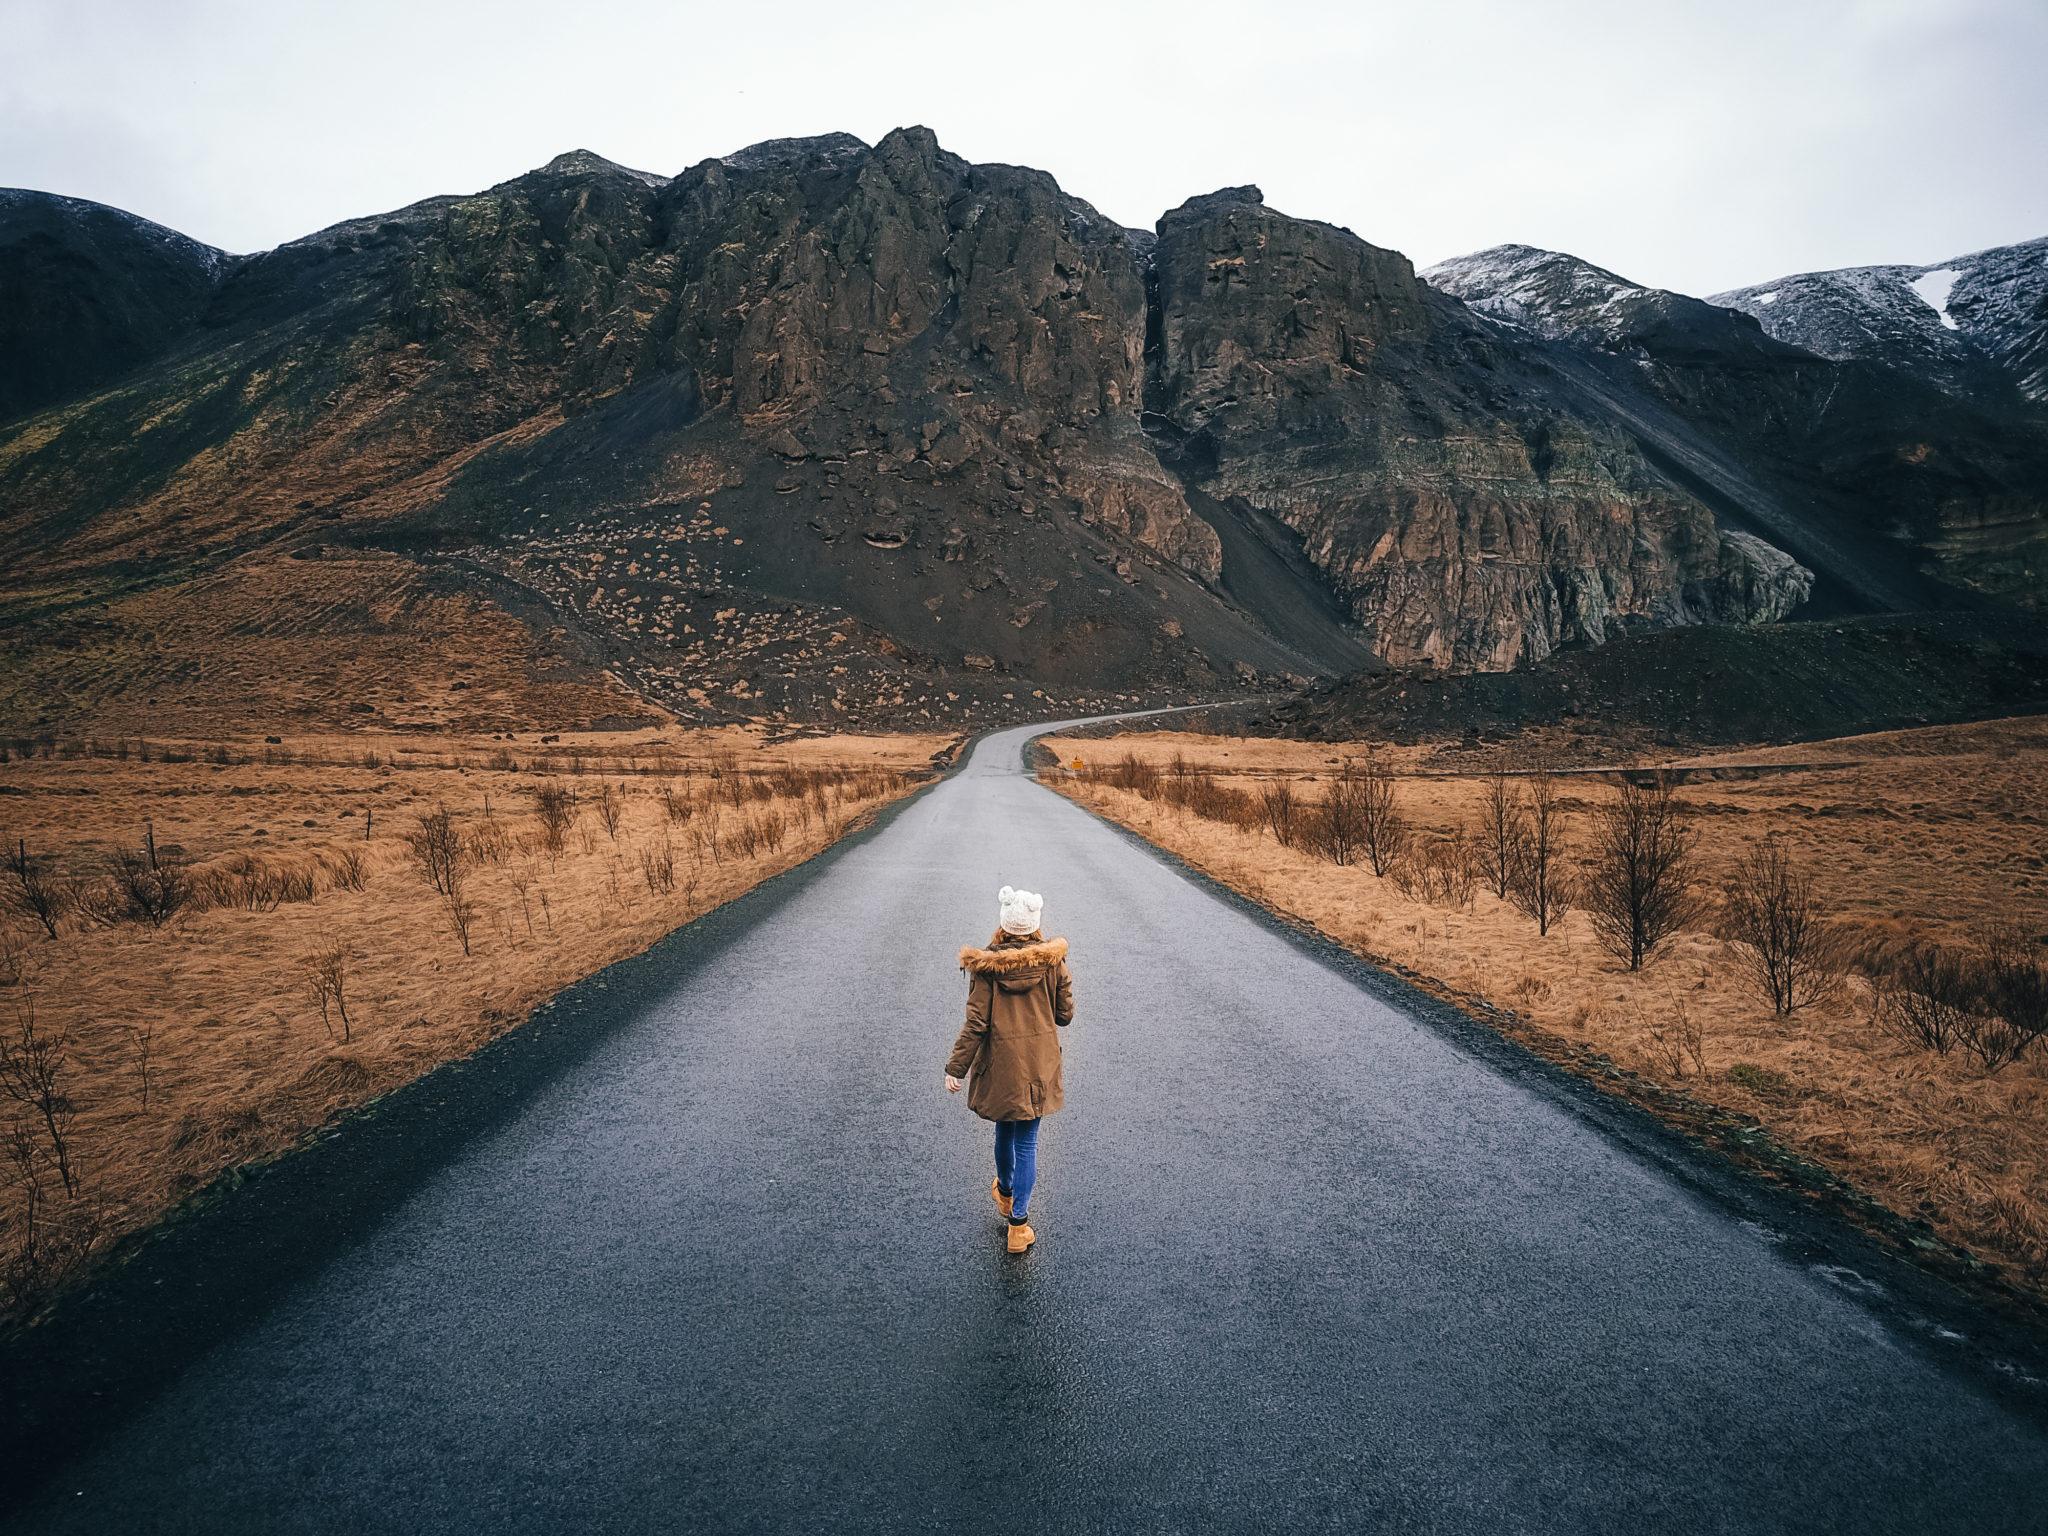 Cómo aprovechar al máximo los cuatro días en Islandia |  MUNDO DE WANDERLUST